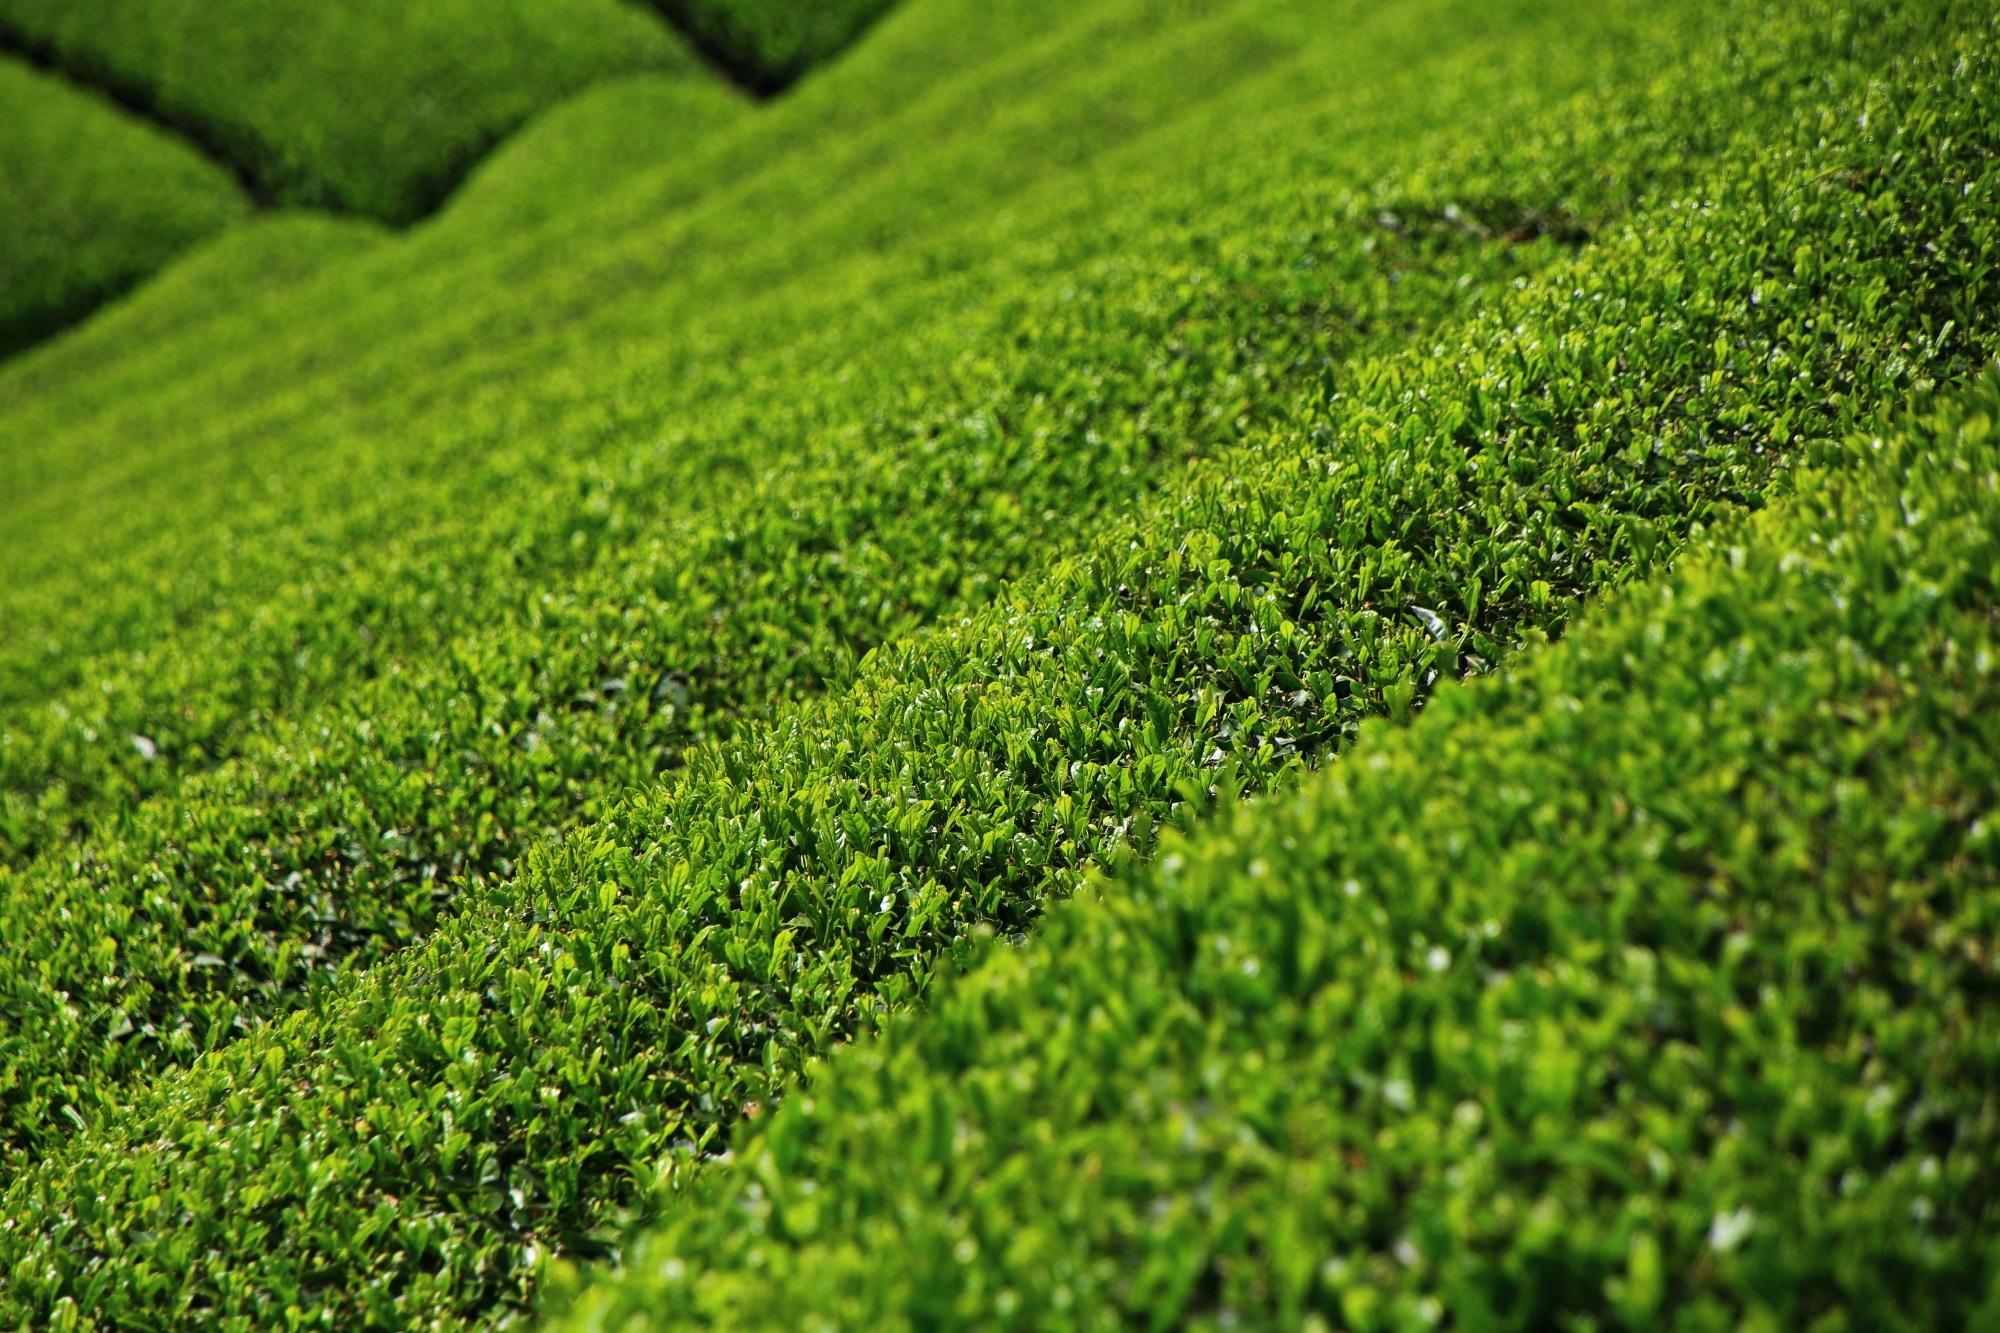 眩しく煌びやかな緑のお茶畑